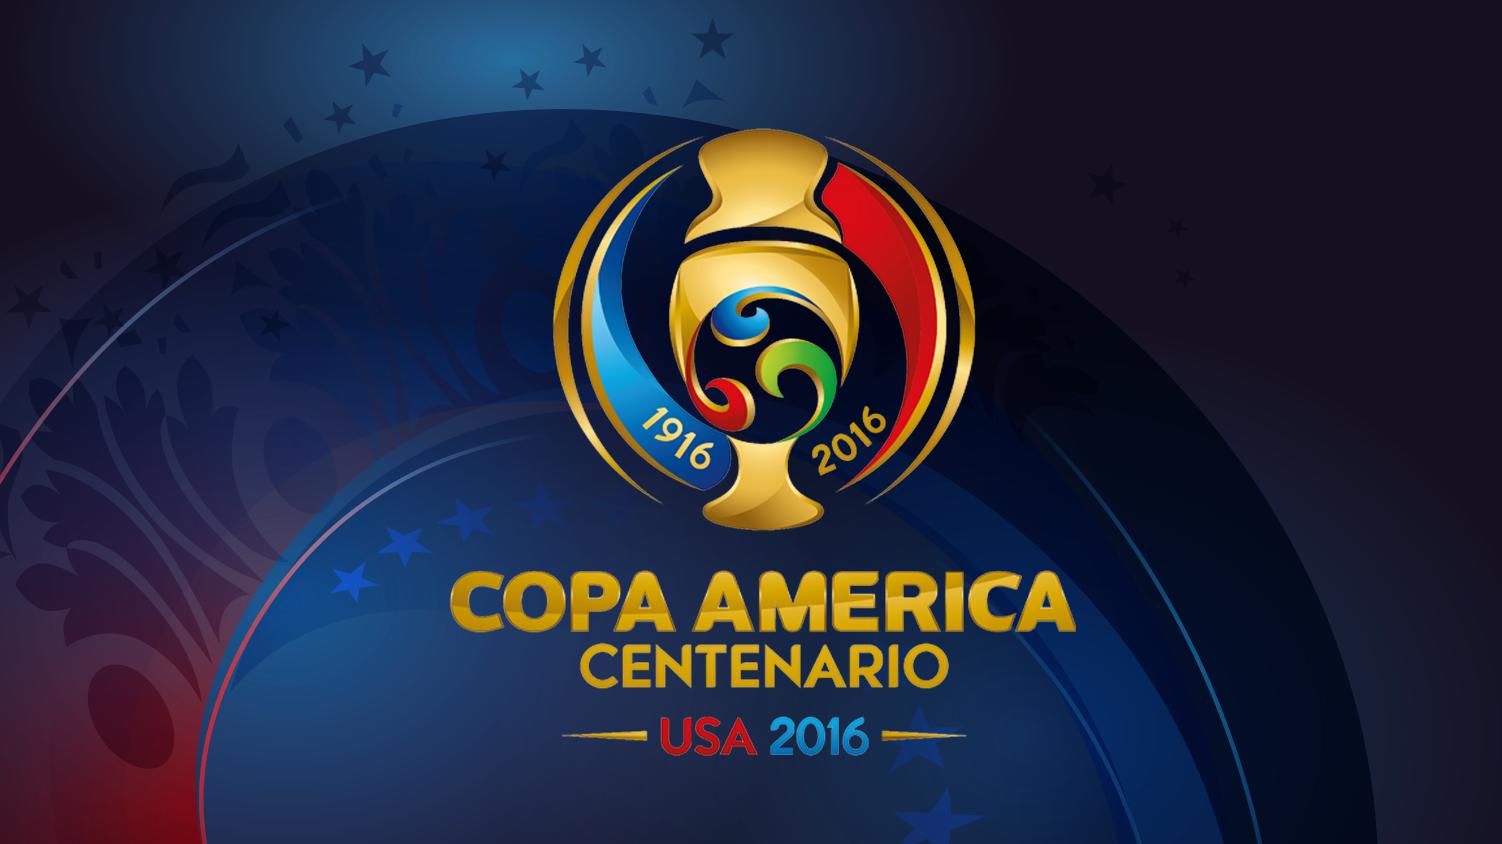 کوپا آمریکا 2016؛ هر آنچه که باید از این تورنمنت بدانید